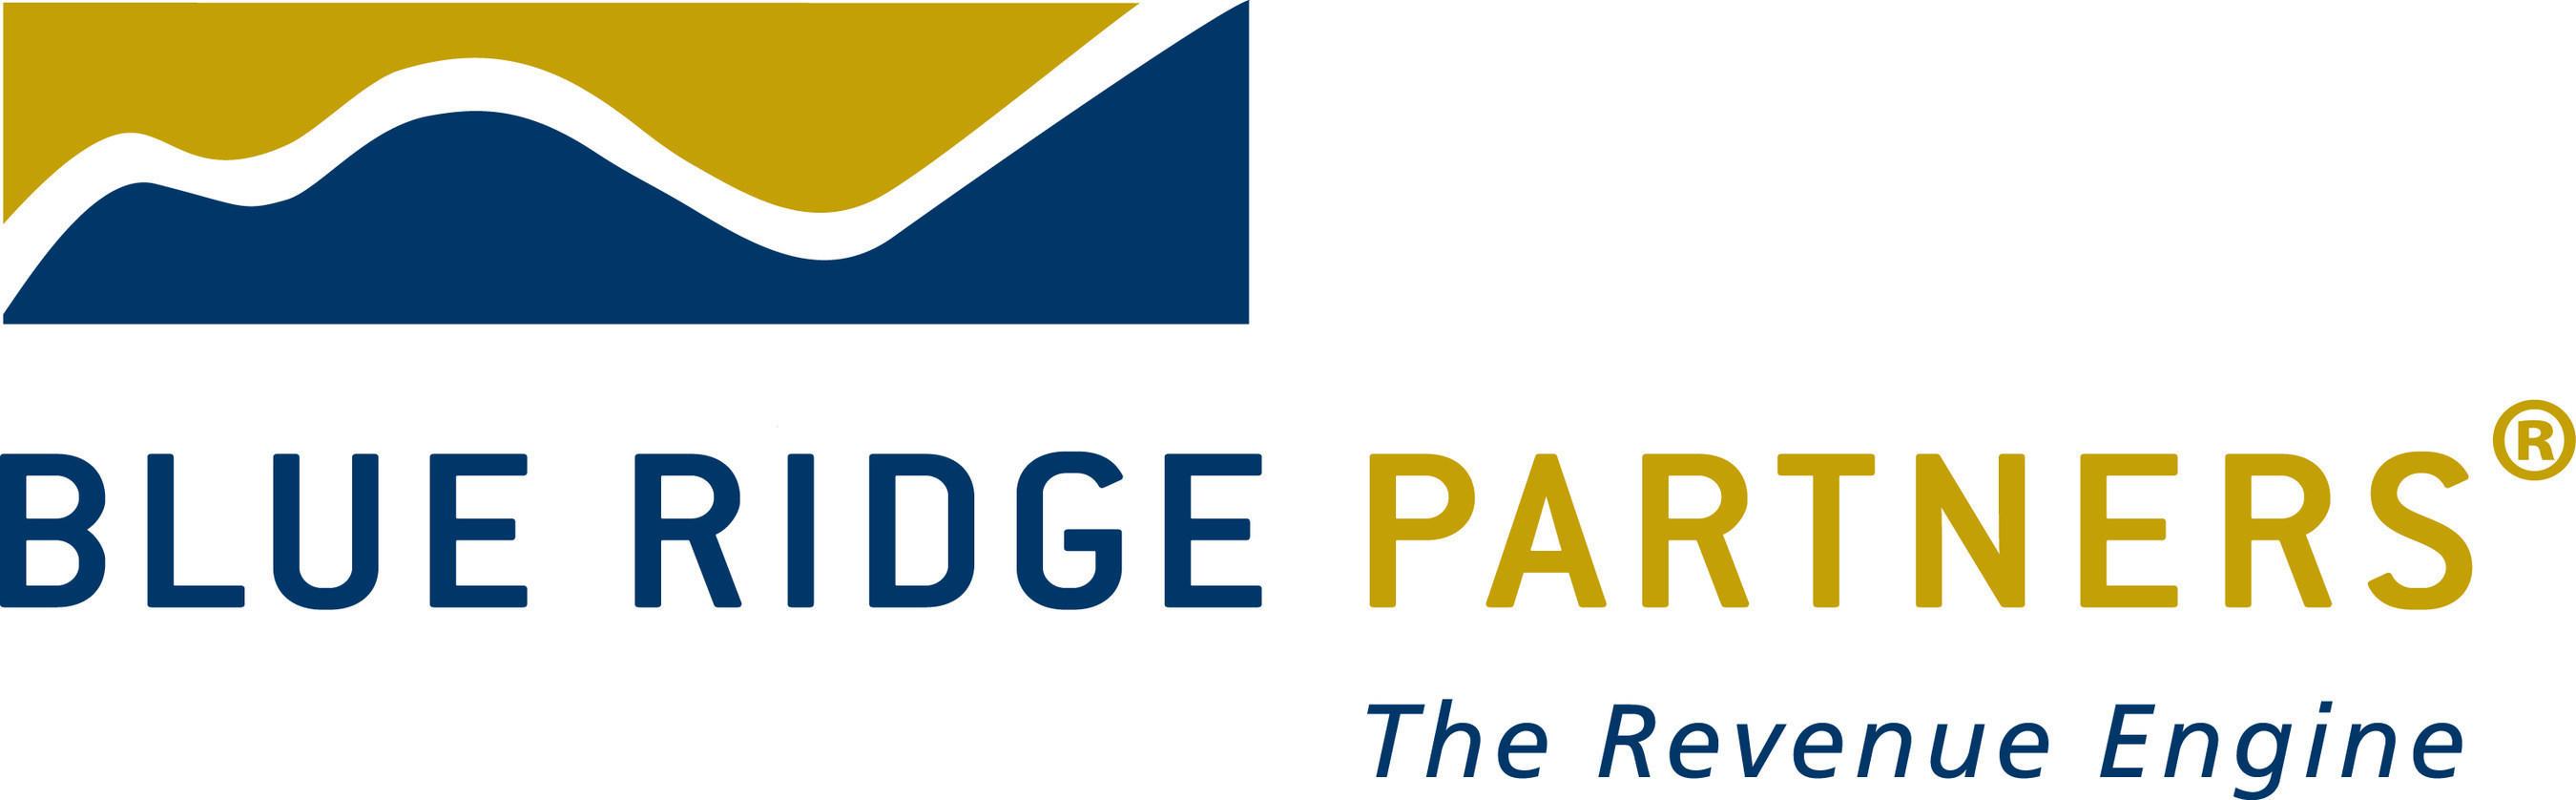 Blue Ridge Partners erweitert Führungsteam in London